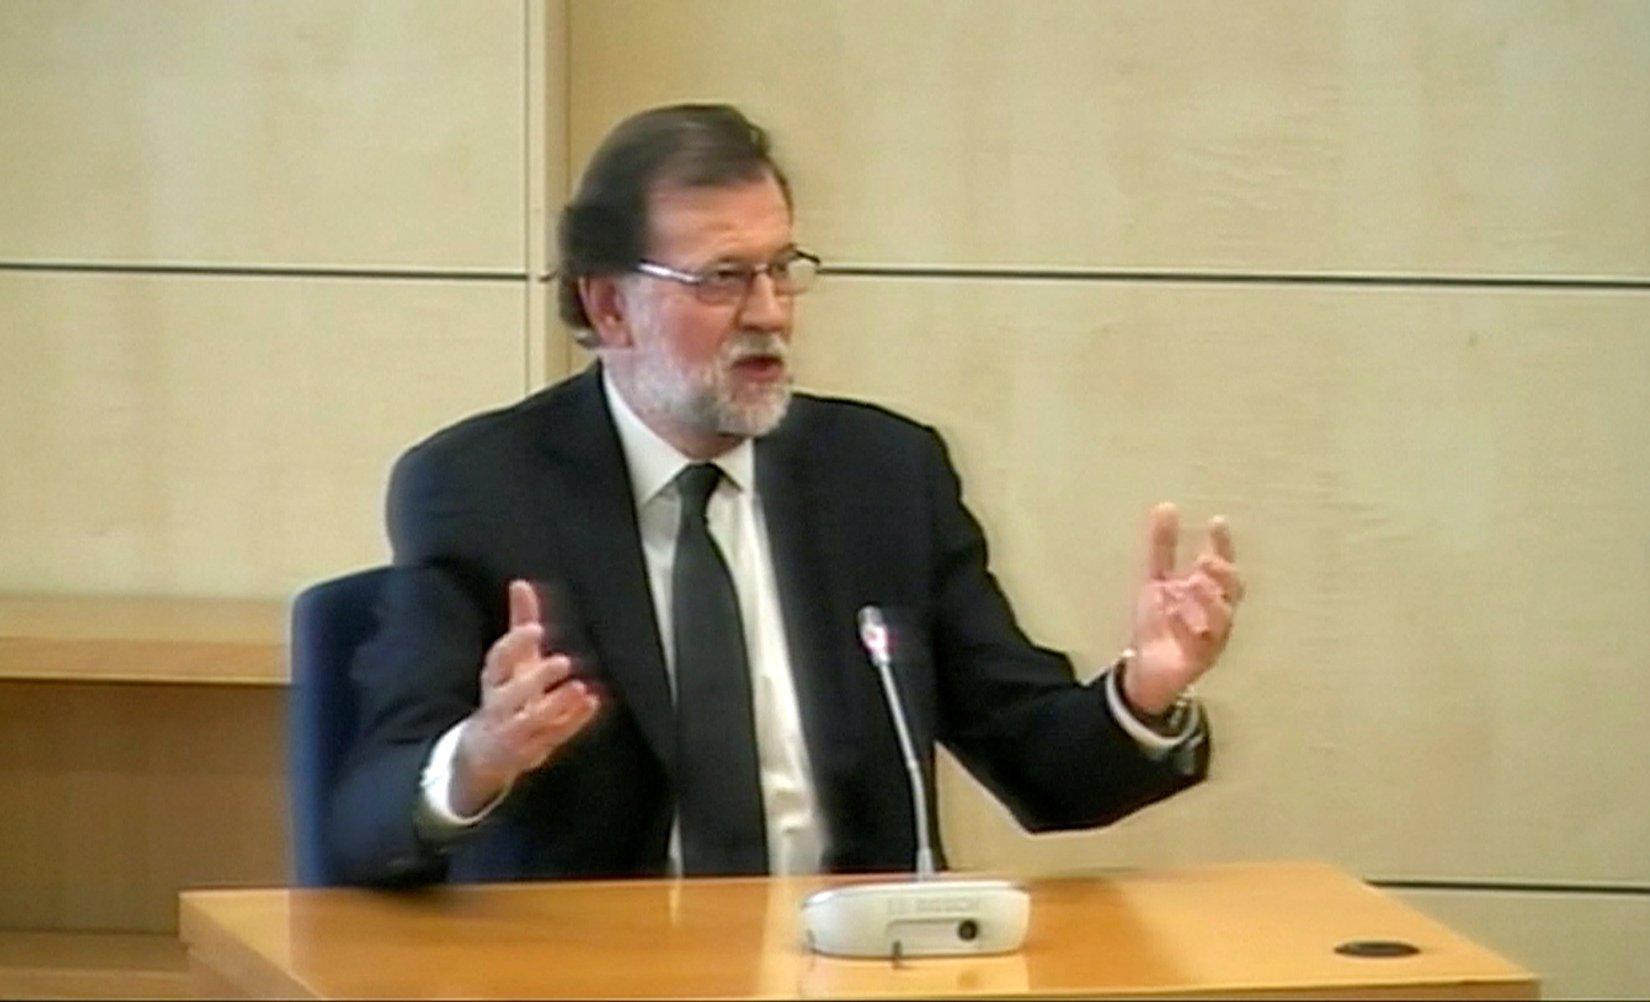 Mariano Rajoy, en la sede de la Audiencia Nacional donde prestó declaración como testigo en el juicio por la primera época de la trama Gürtel.